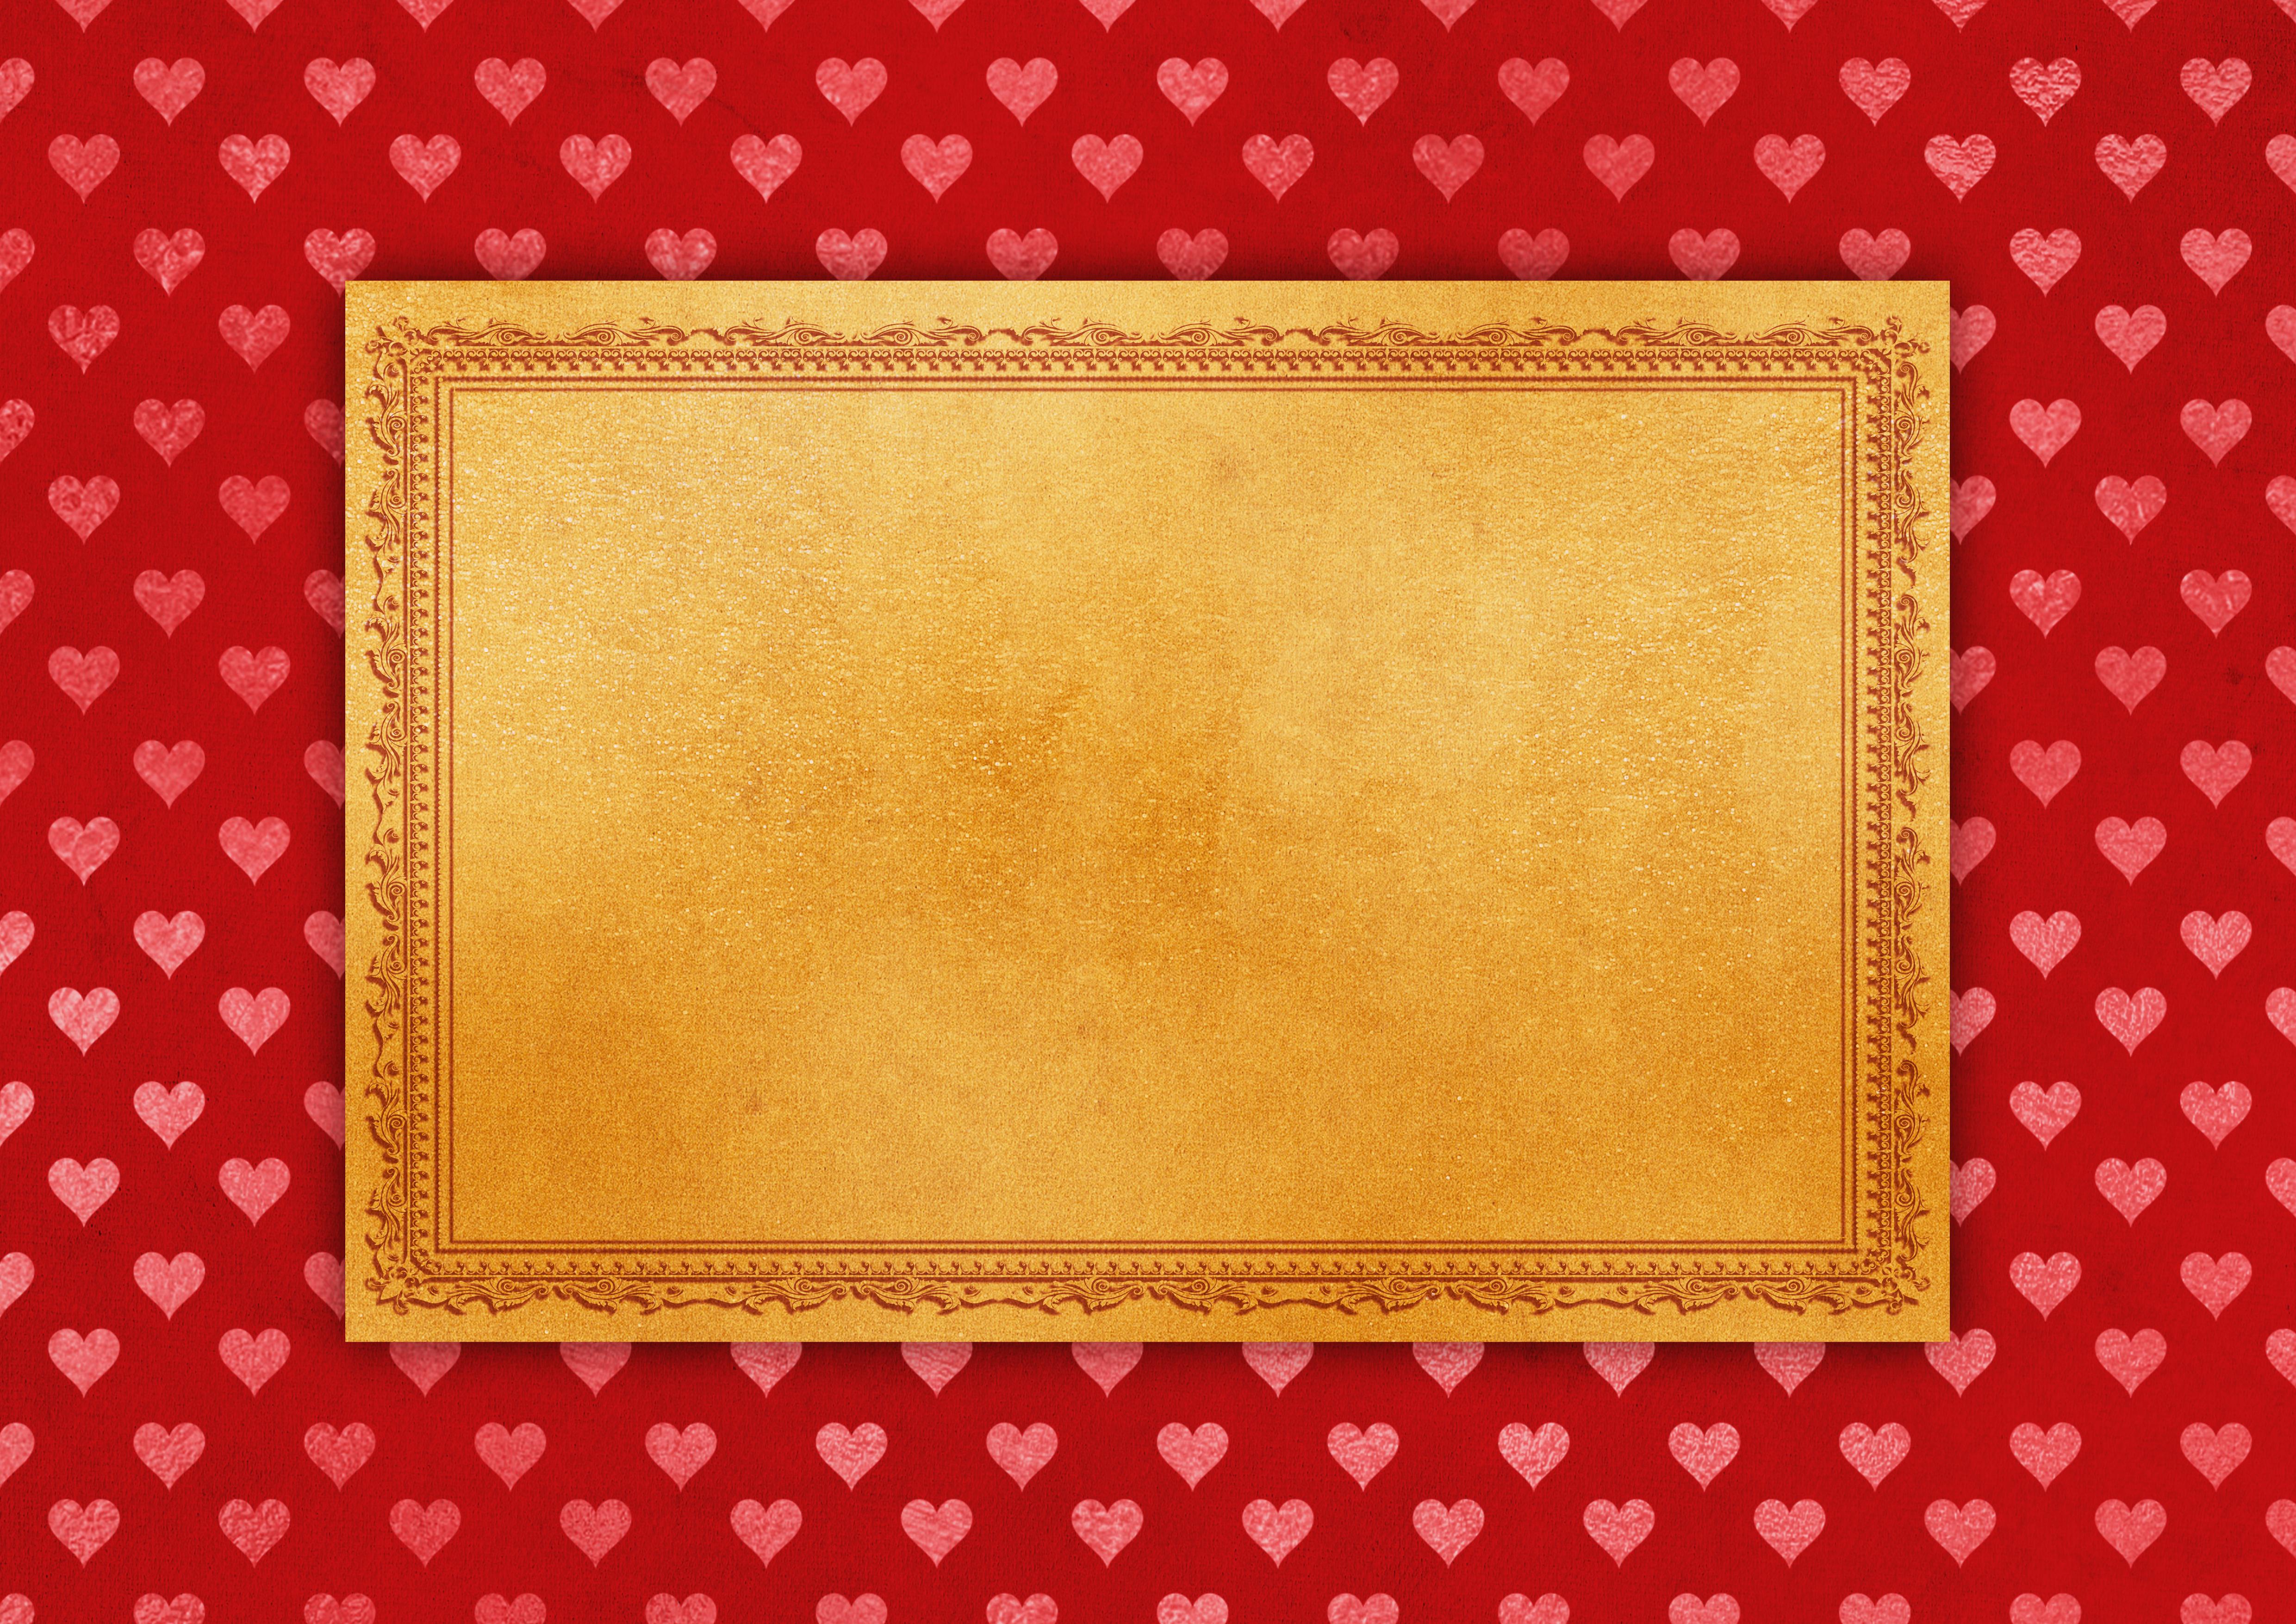 Poze Cadru Inimă Hârtie Fundal Decorativ Invitație Romantic